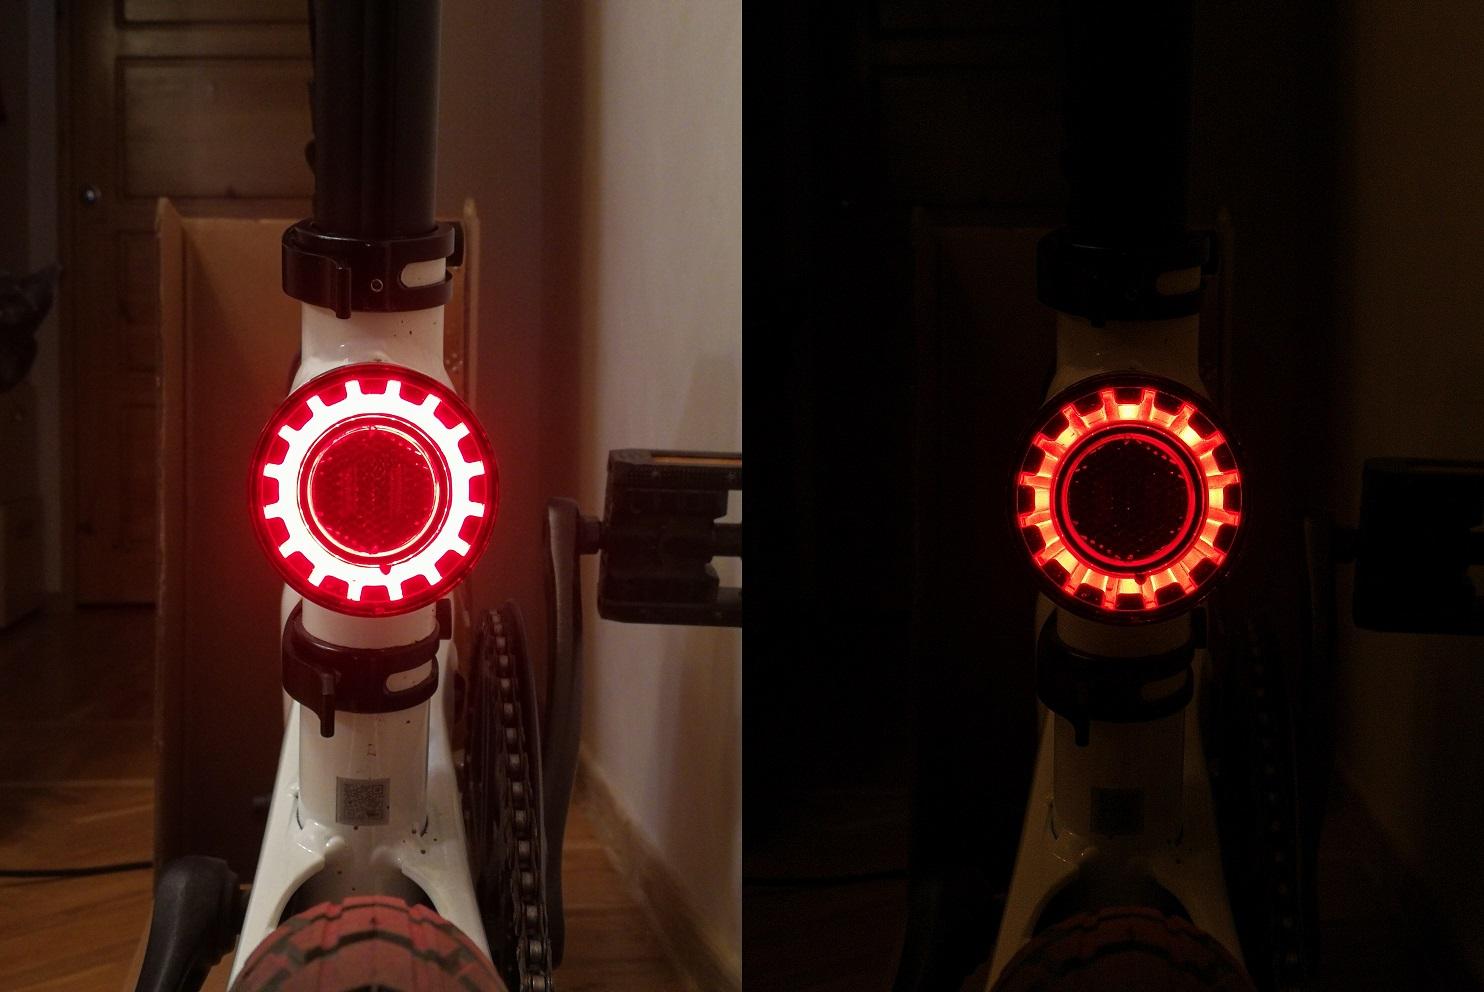 Велосипед для гика — электрический, складной, умный - 2